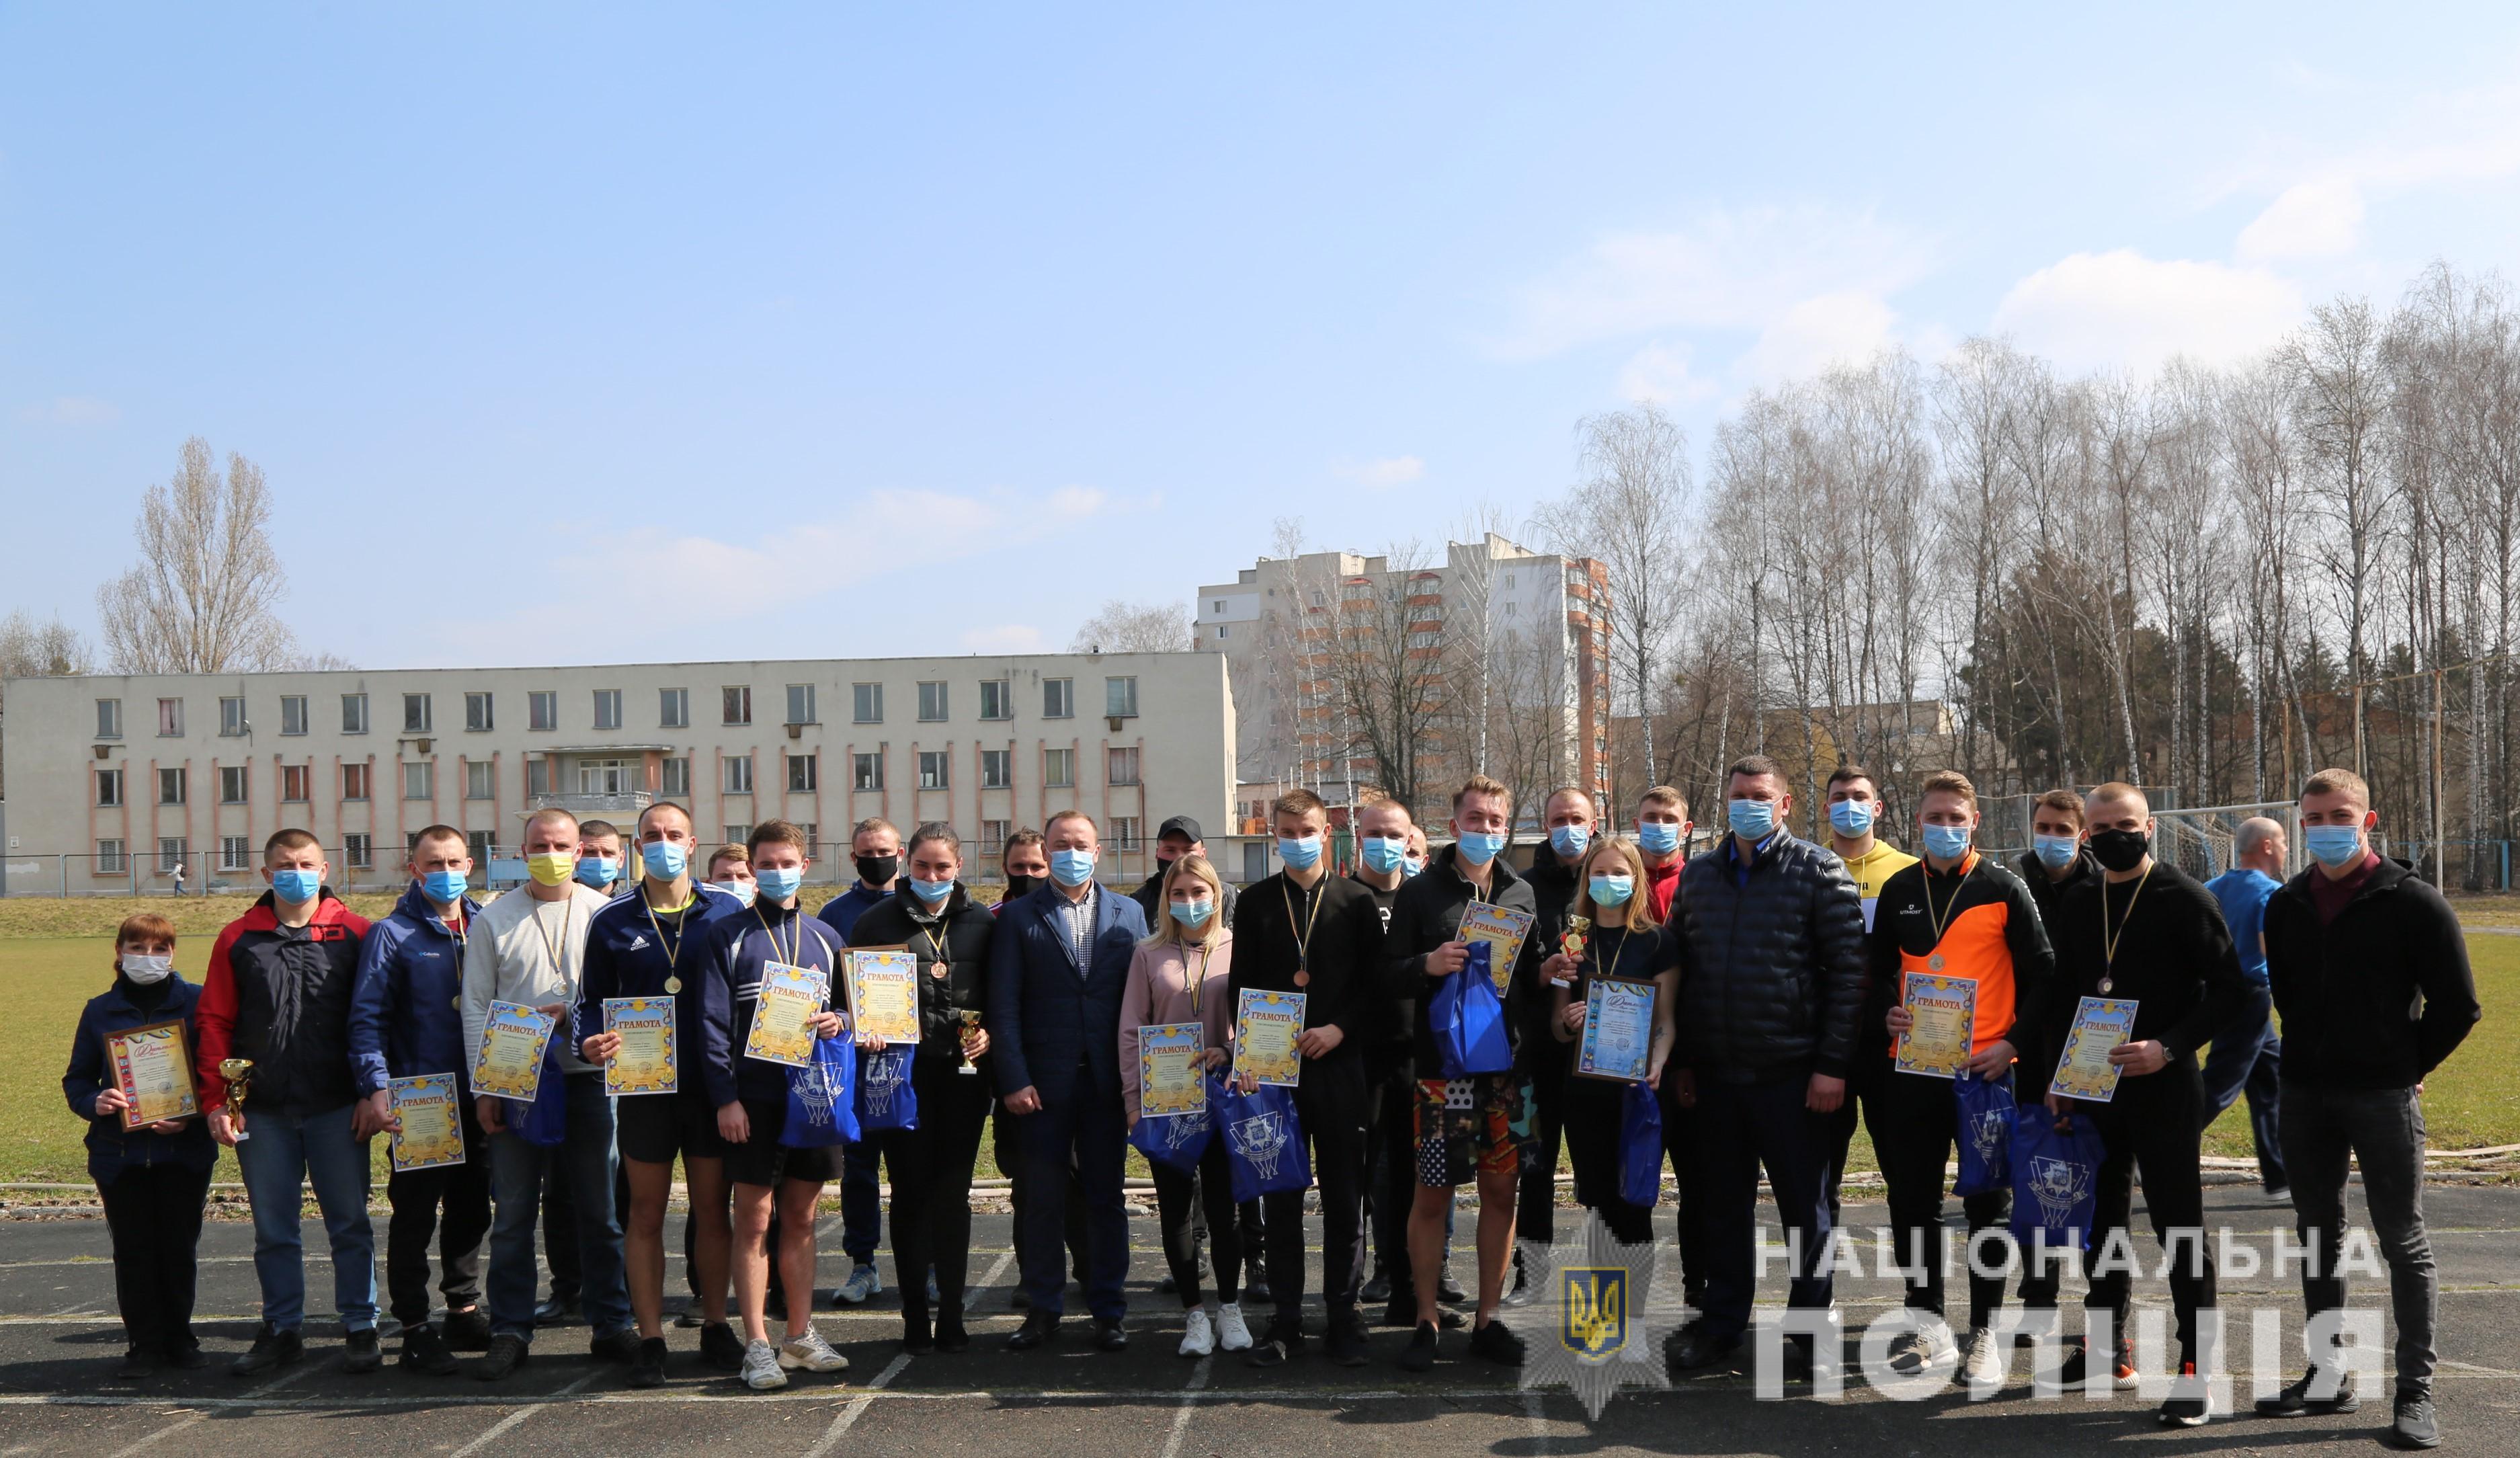 Команда Хмільницького районного відділу поліції здобула переможне третє місце у змаганнях з легкої атлетики